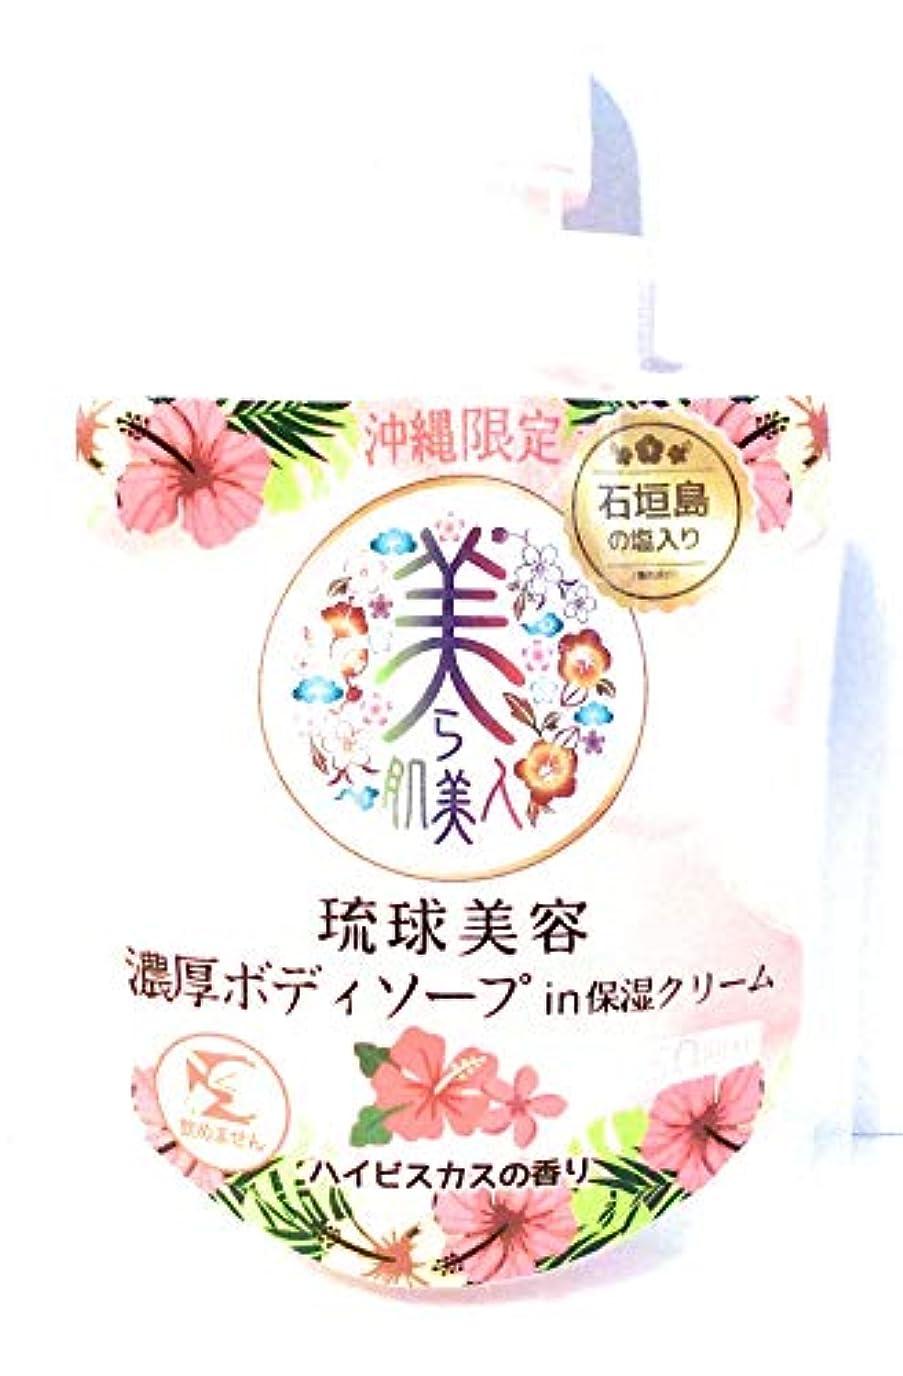 ジョイント浪費廃棄する沖縄限定 美ら肌美人 琉球美容濃厚ボディソープin保湿クリーム ハイビスカスの香り